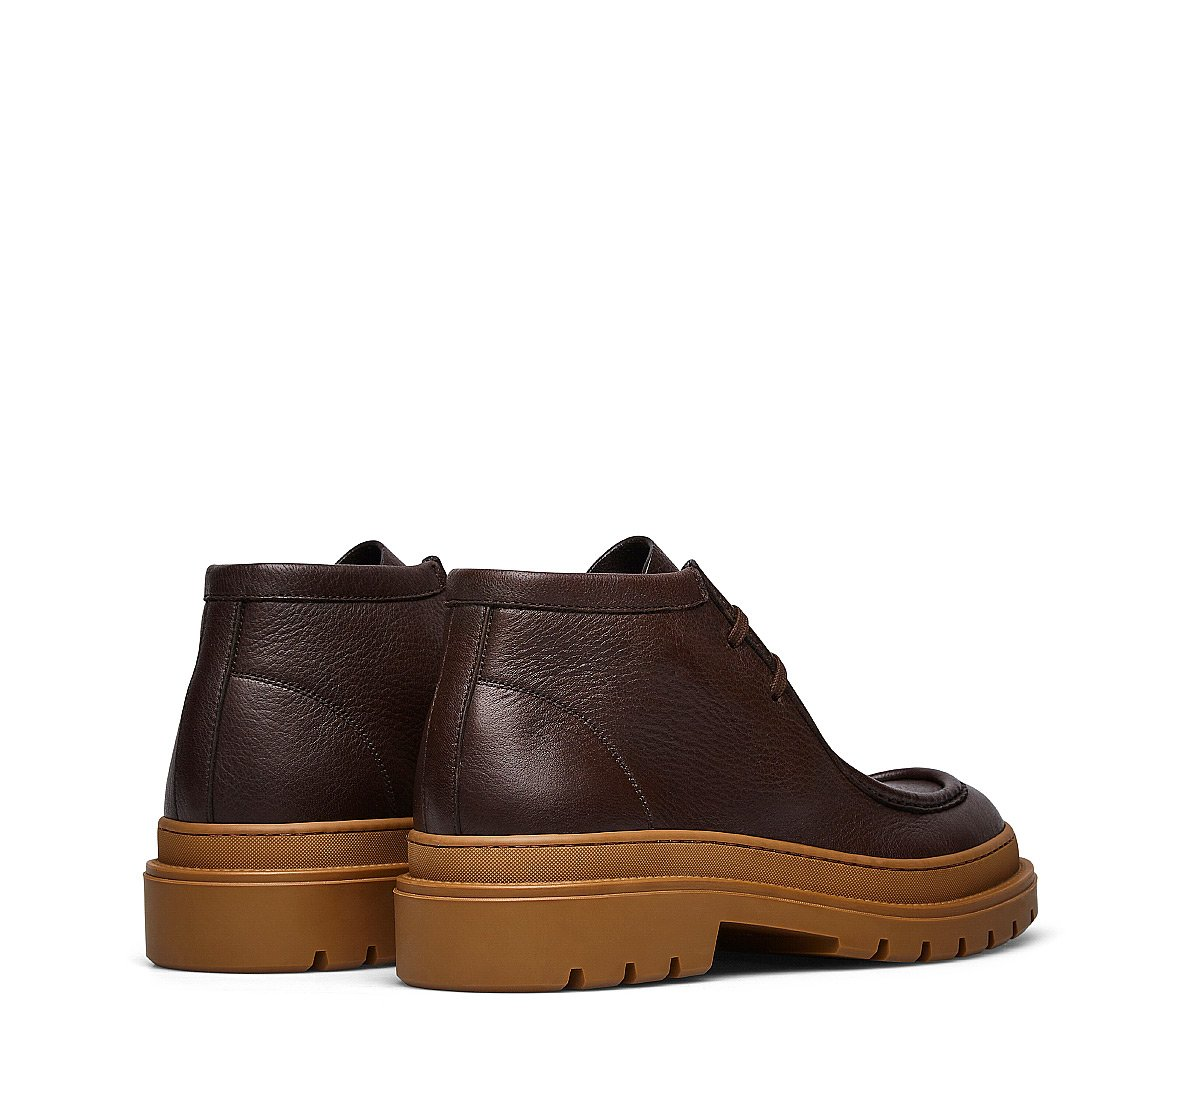 Two-eyelet calfskin desert boots